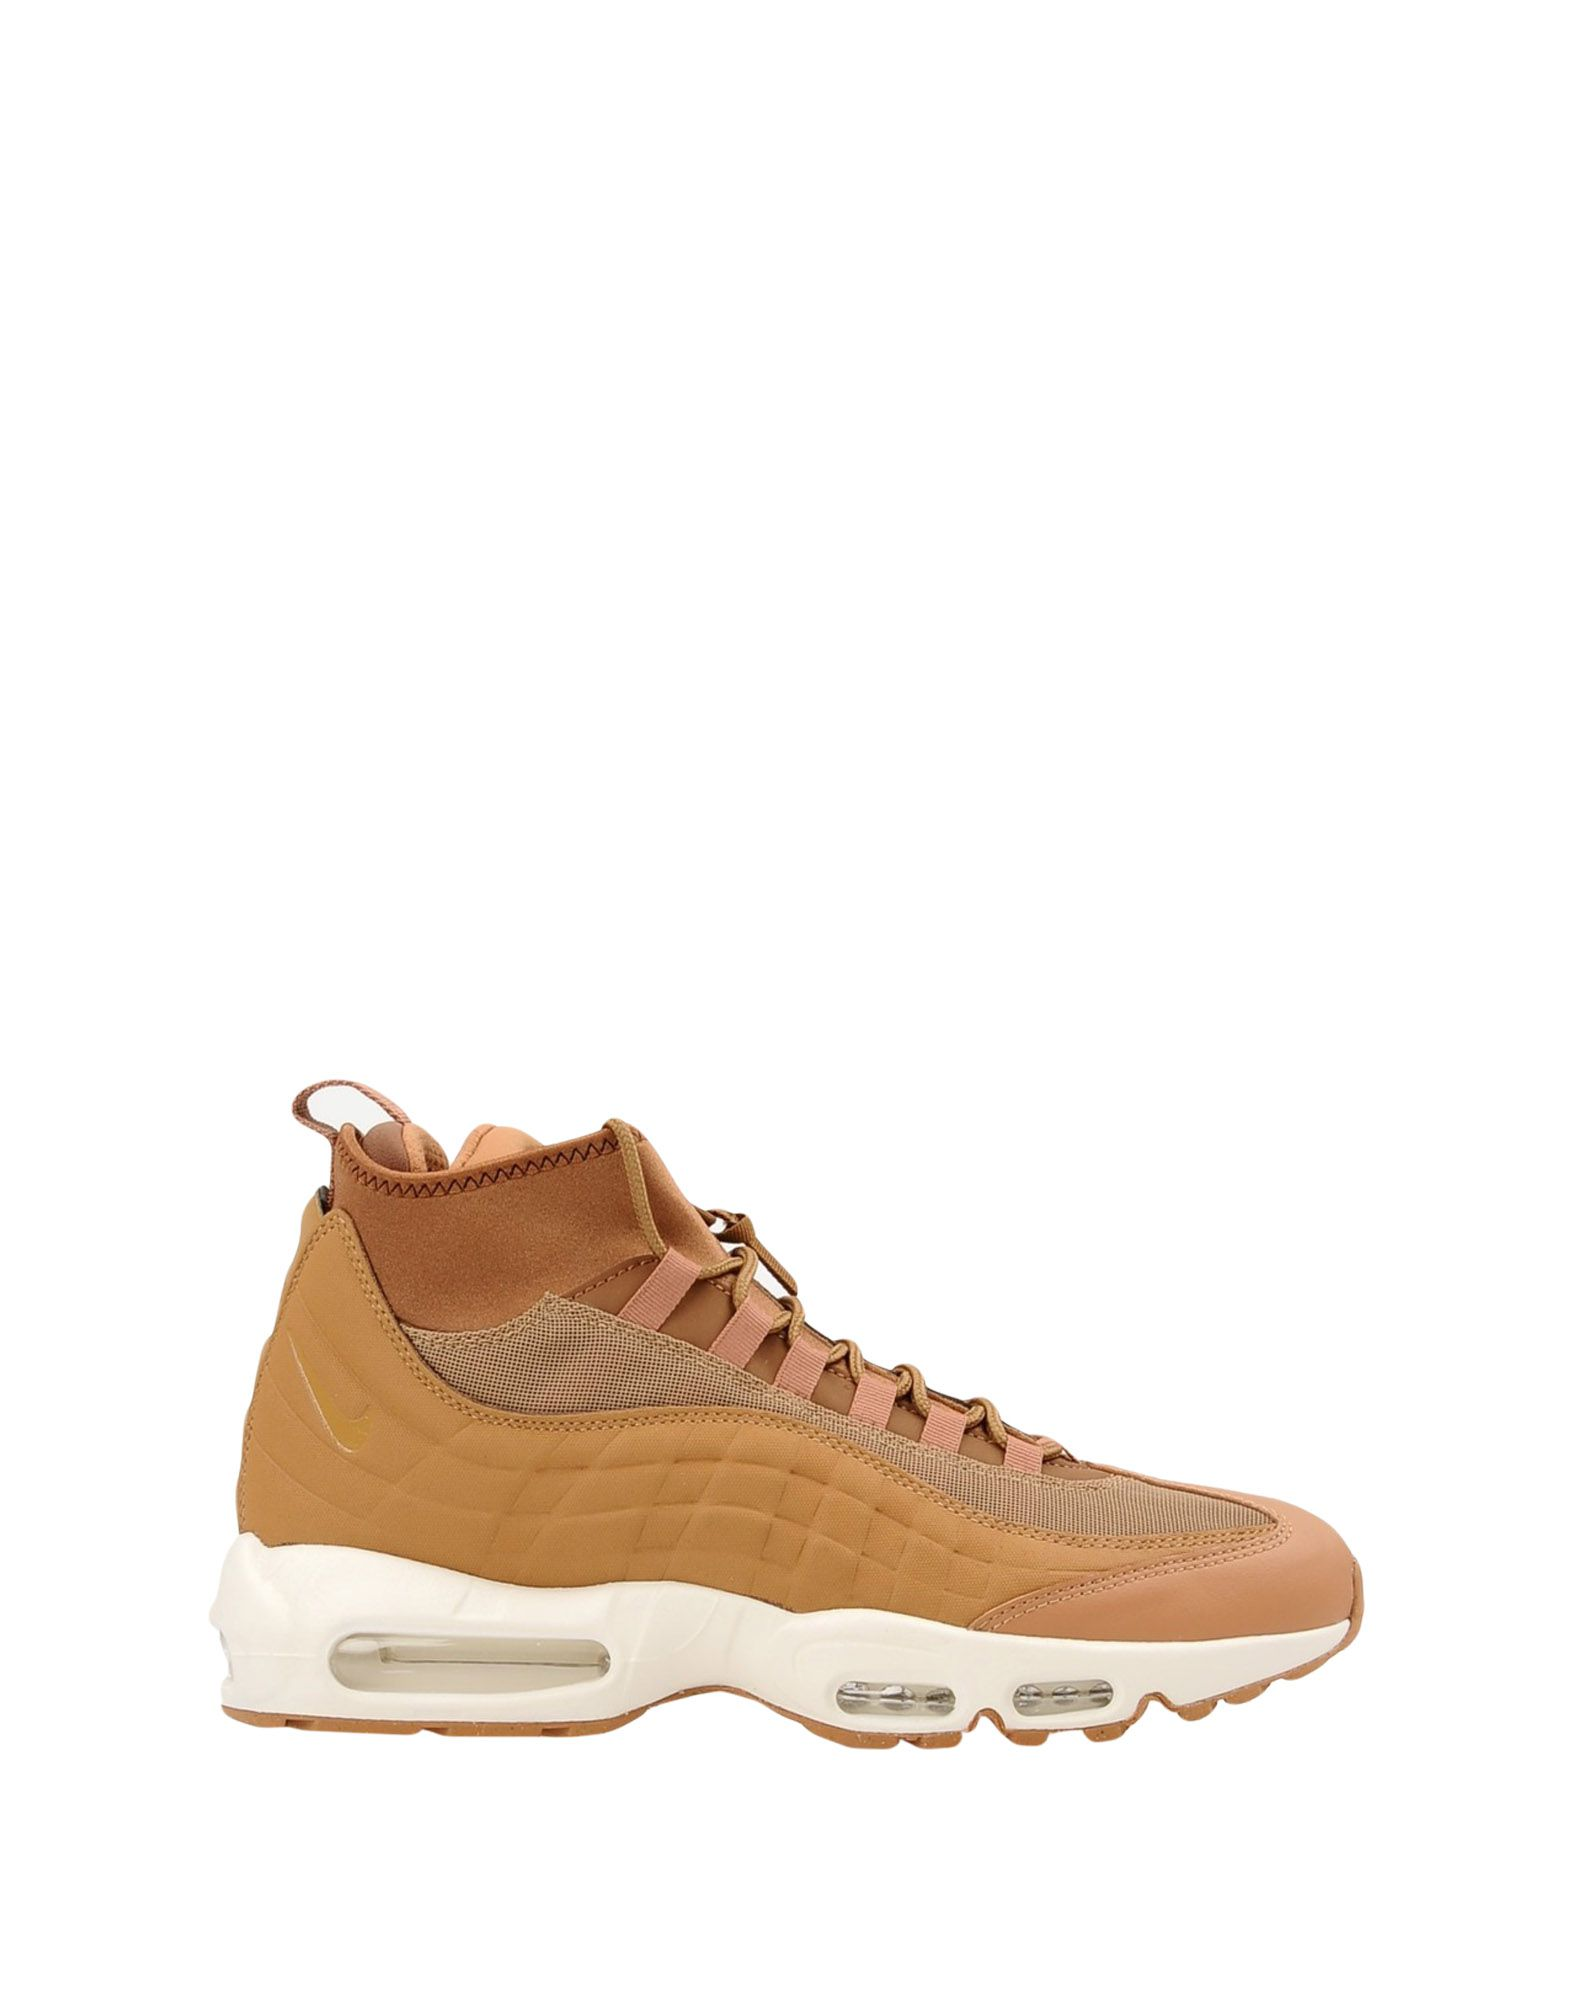 Sneakers Nike  Air Max 95 Sneakerboot - Homme - Sneakers Nike sur